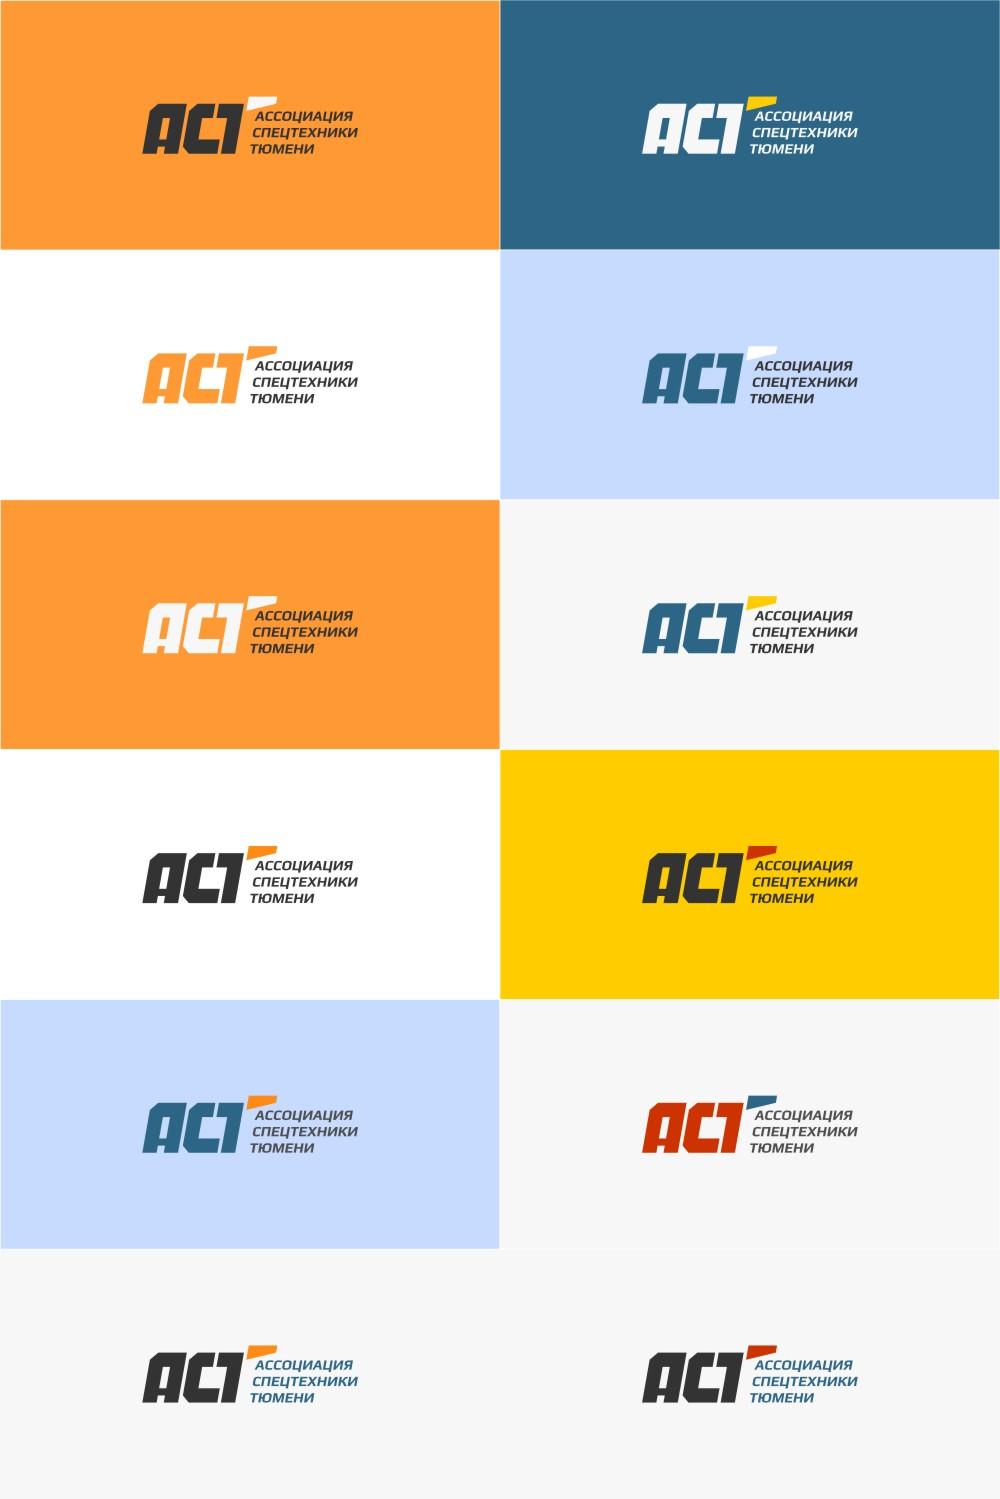 Логотип для Ассоциации спецтехники фото f_700514731726502f.jpg